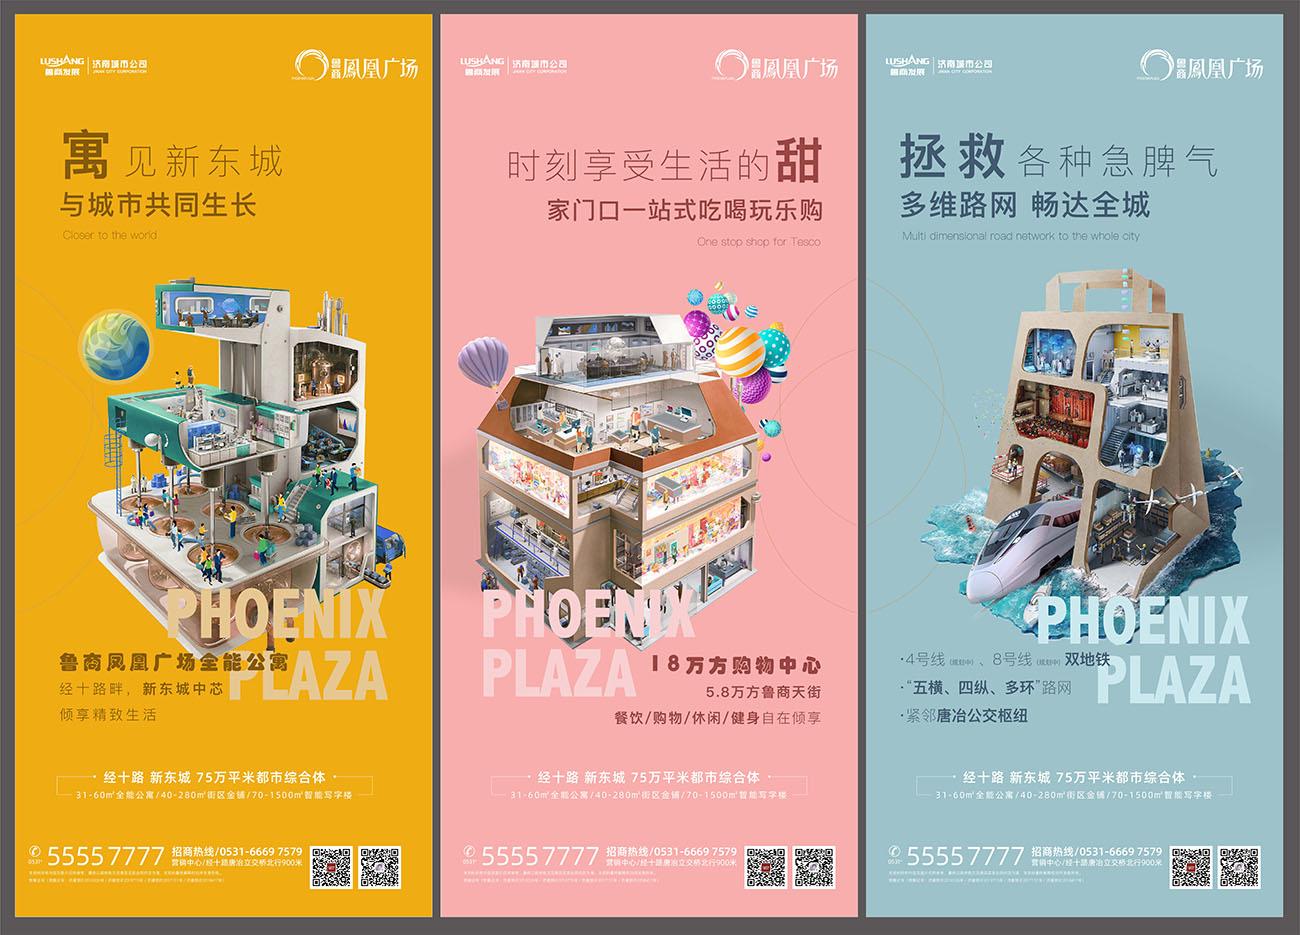 房地产创意商业公寓价值点贴片海报AI源文件插图